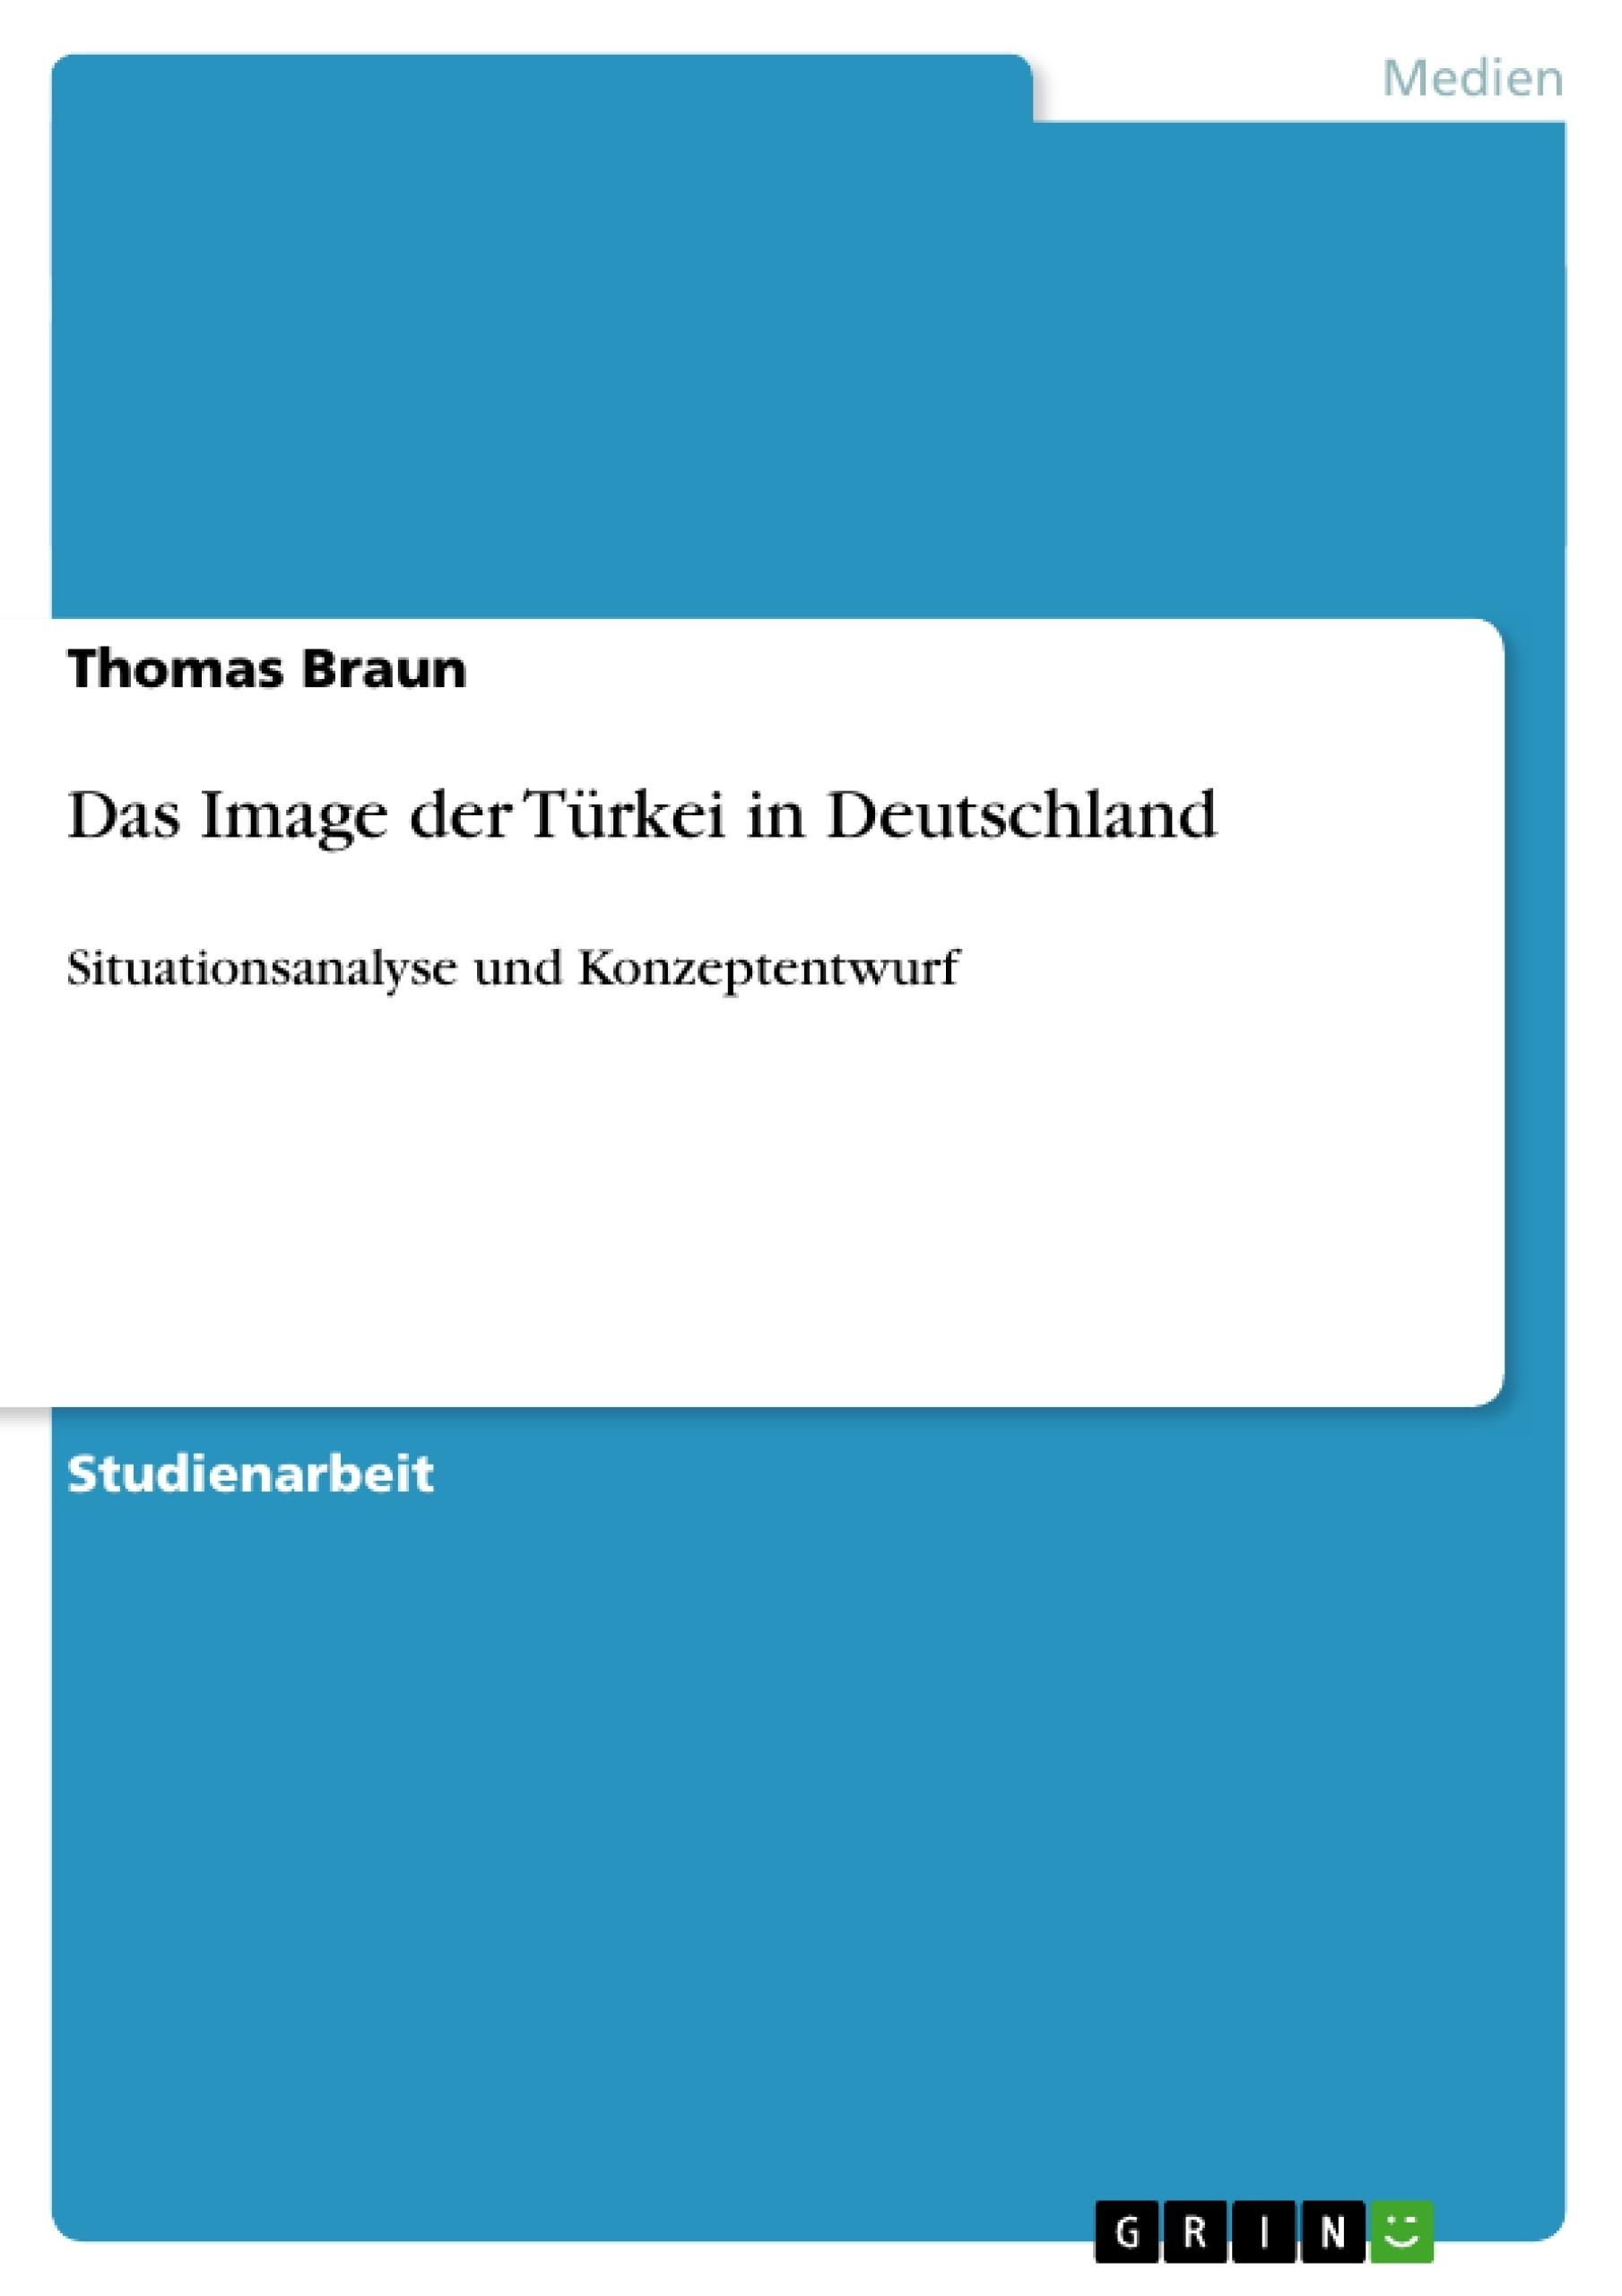 Titel: Das Image der Türkei in Deutschland